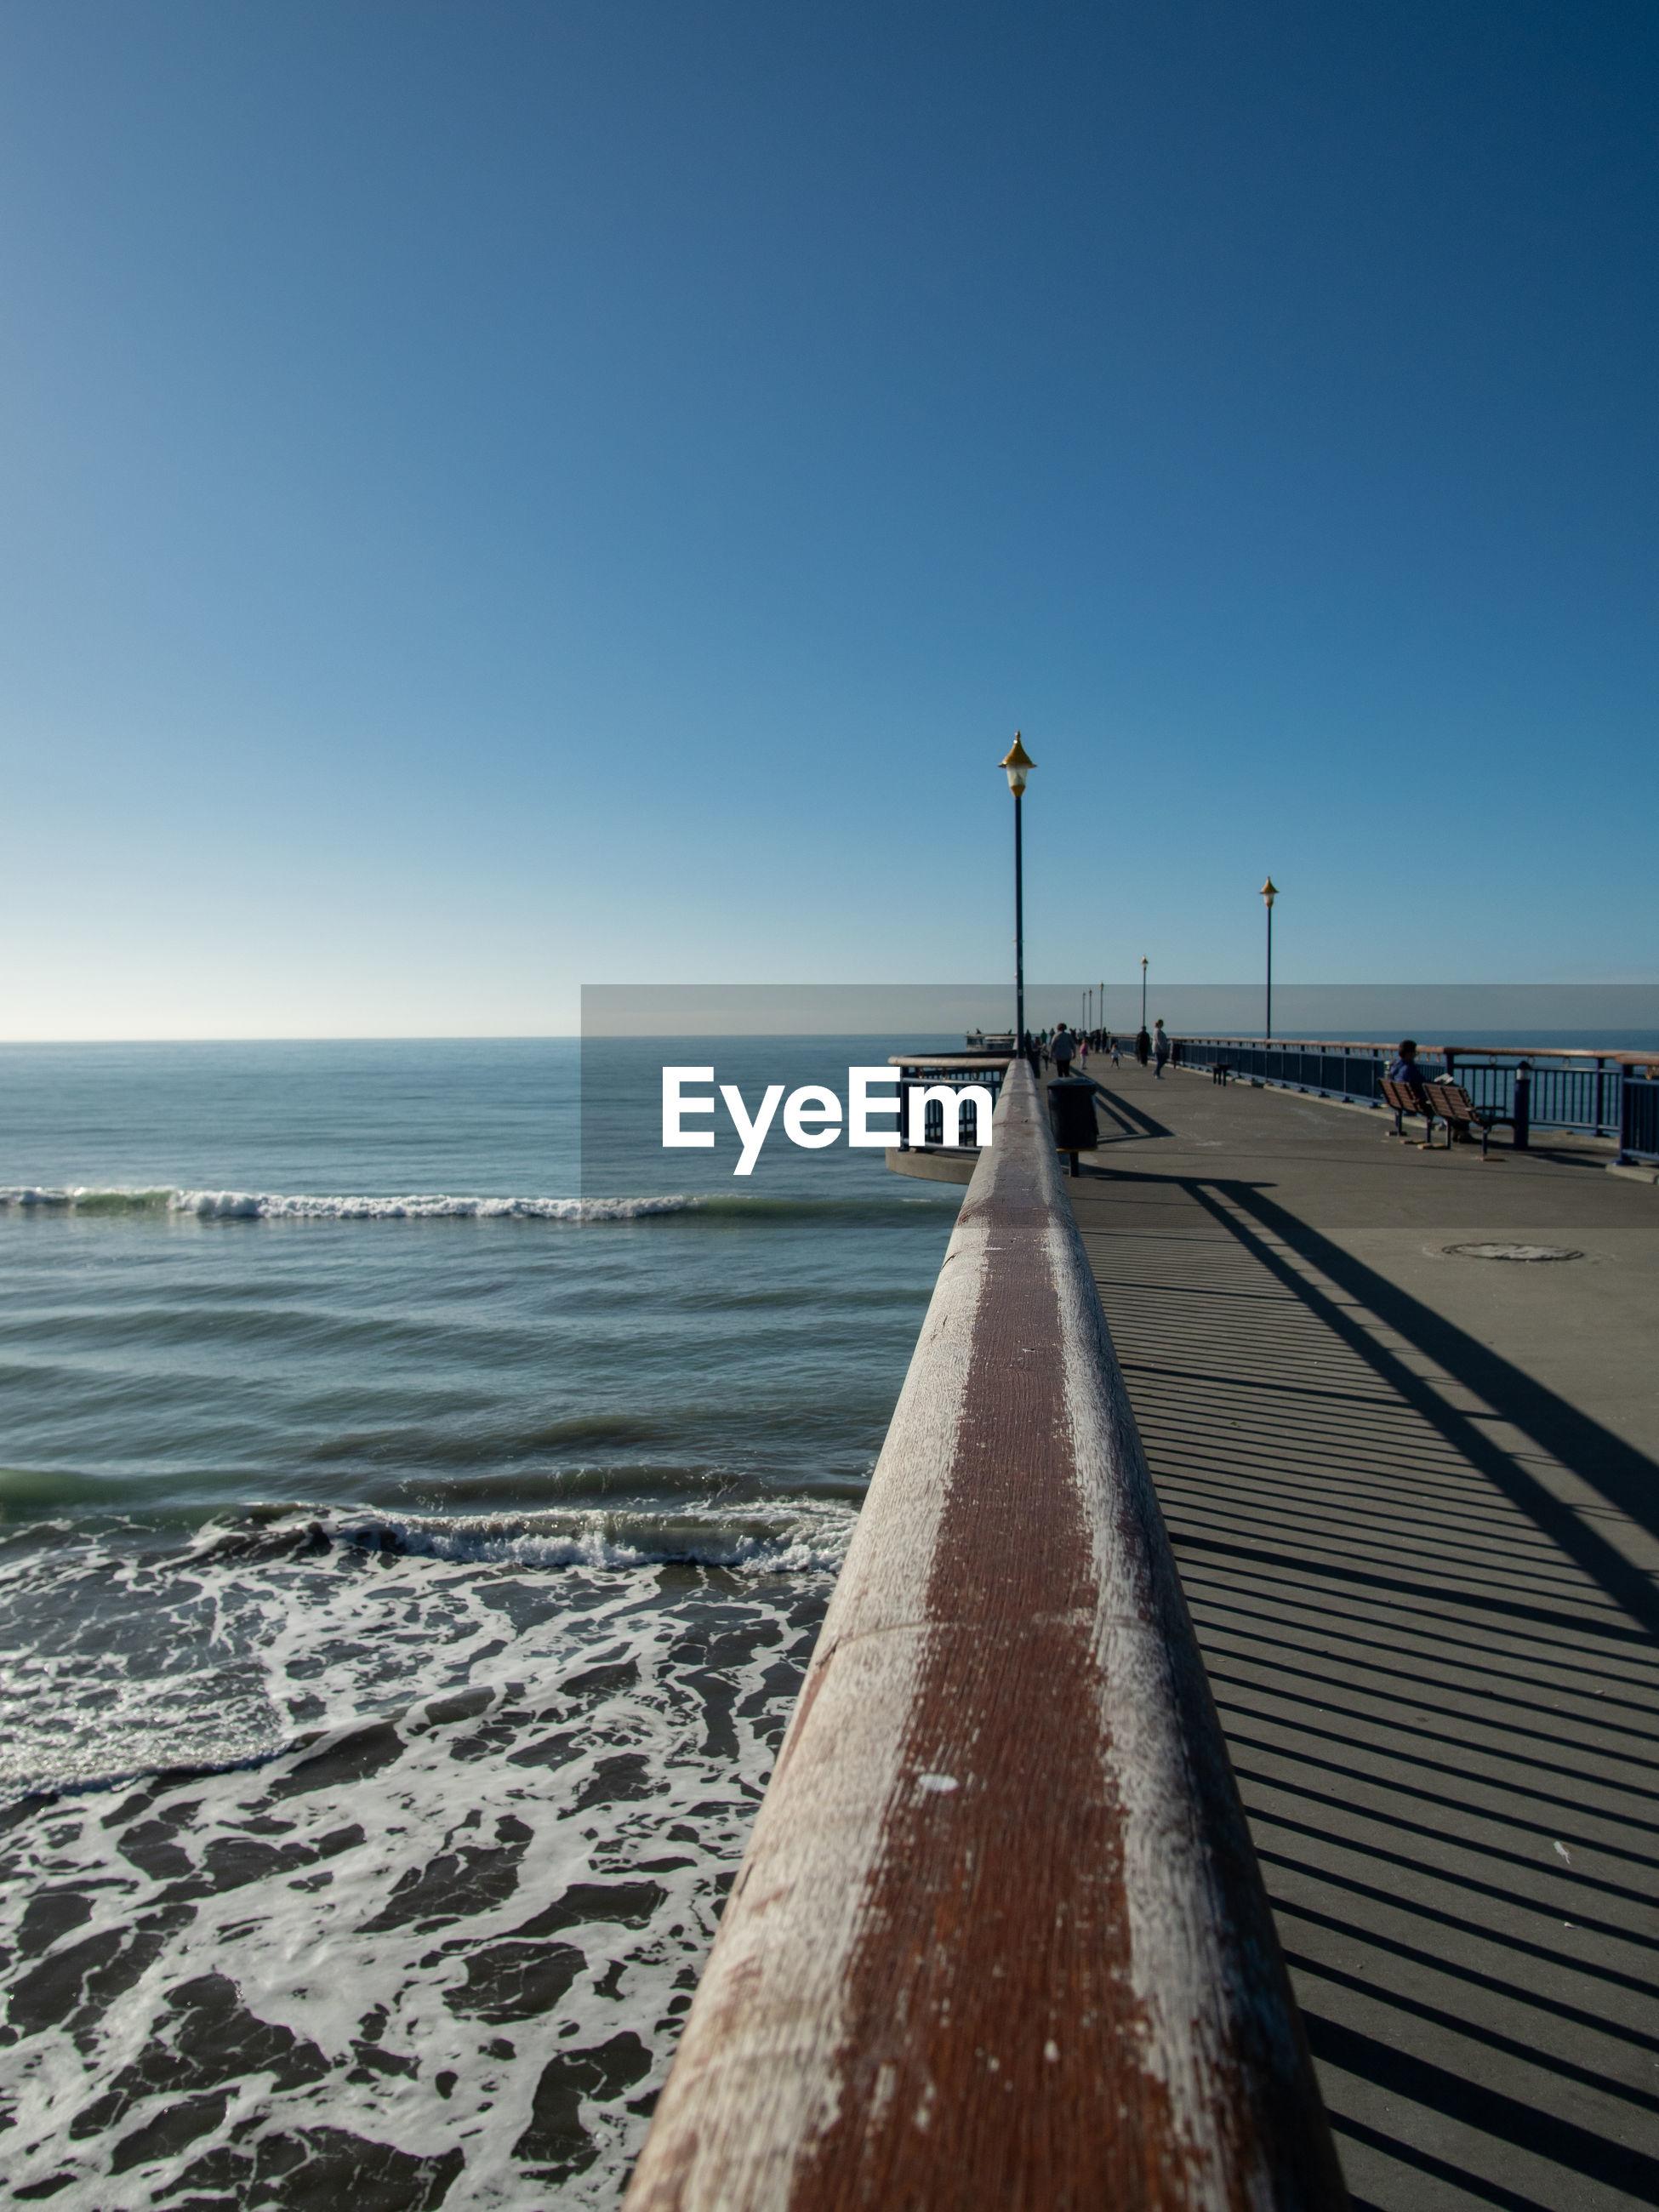 PIER ON BEACH AGAINST CLEAR BLUE SKY